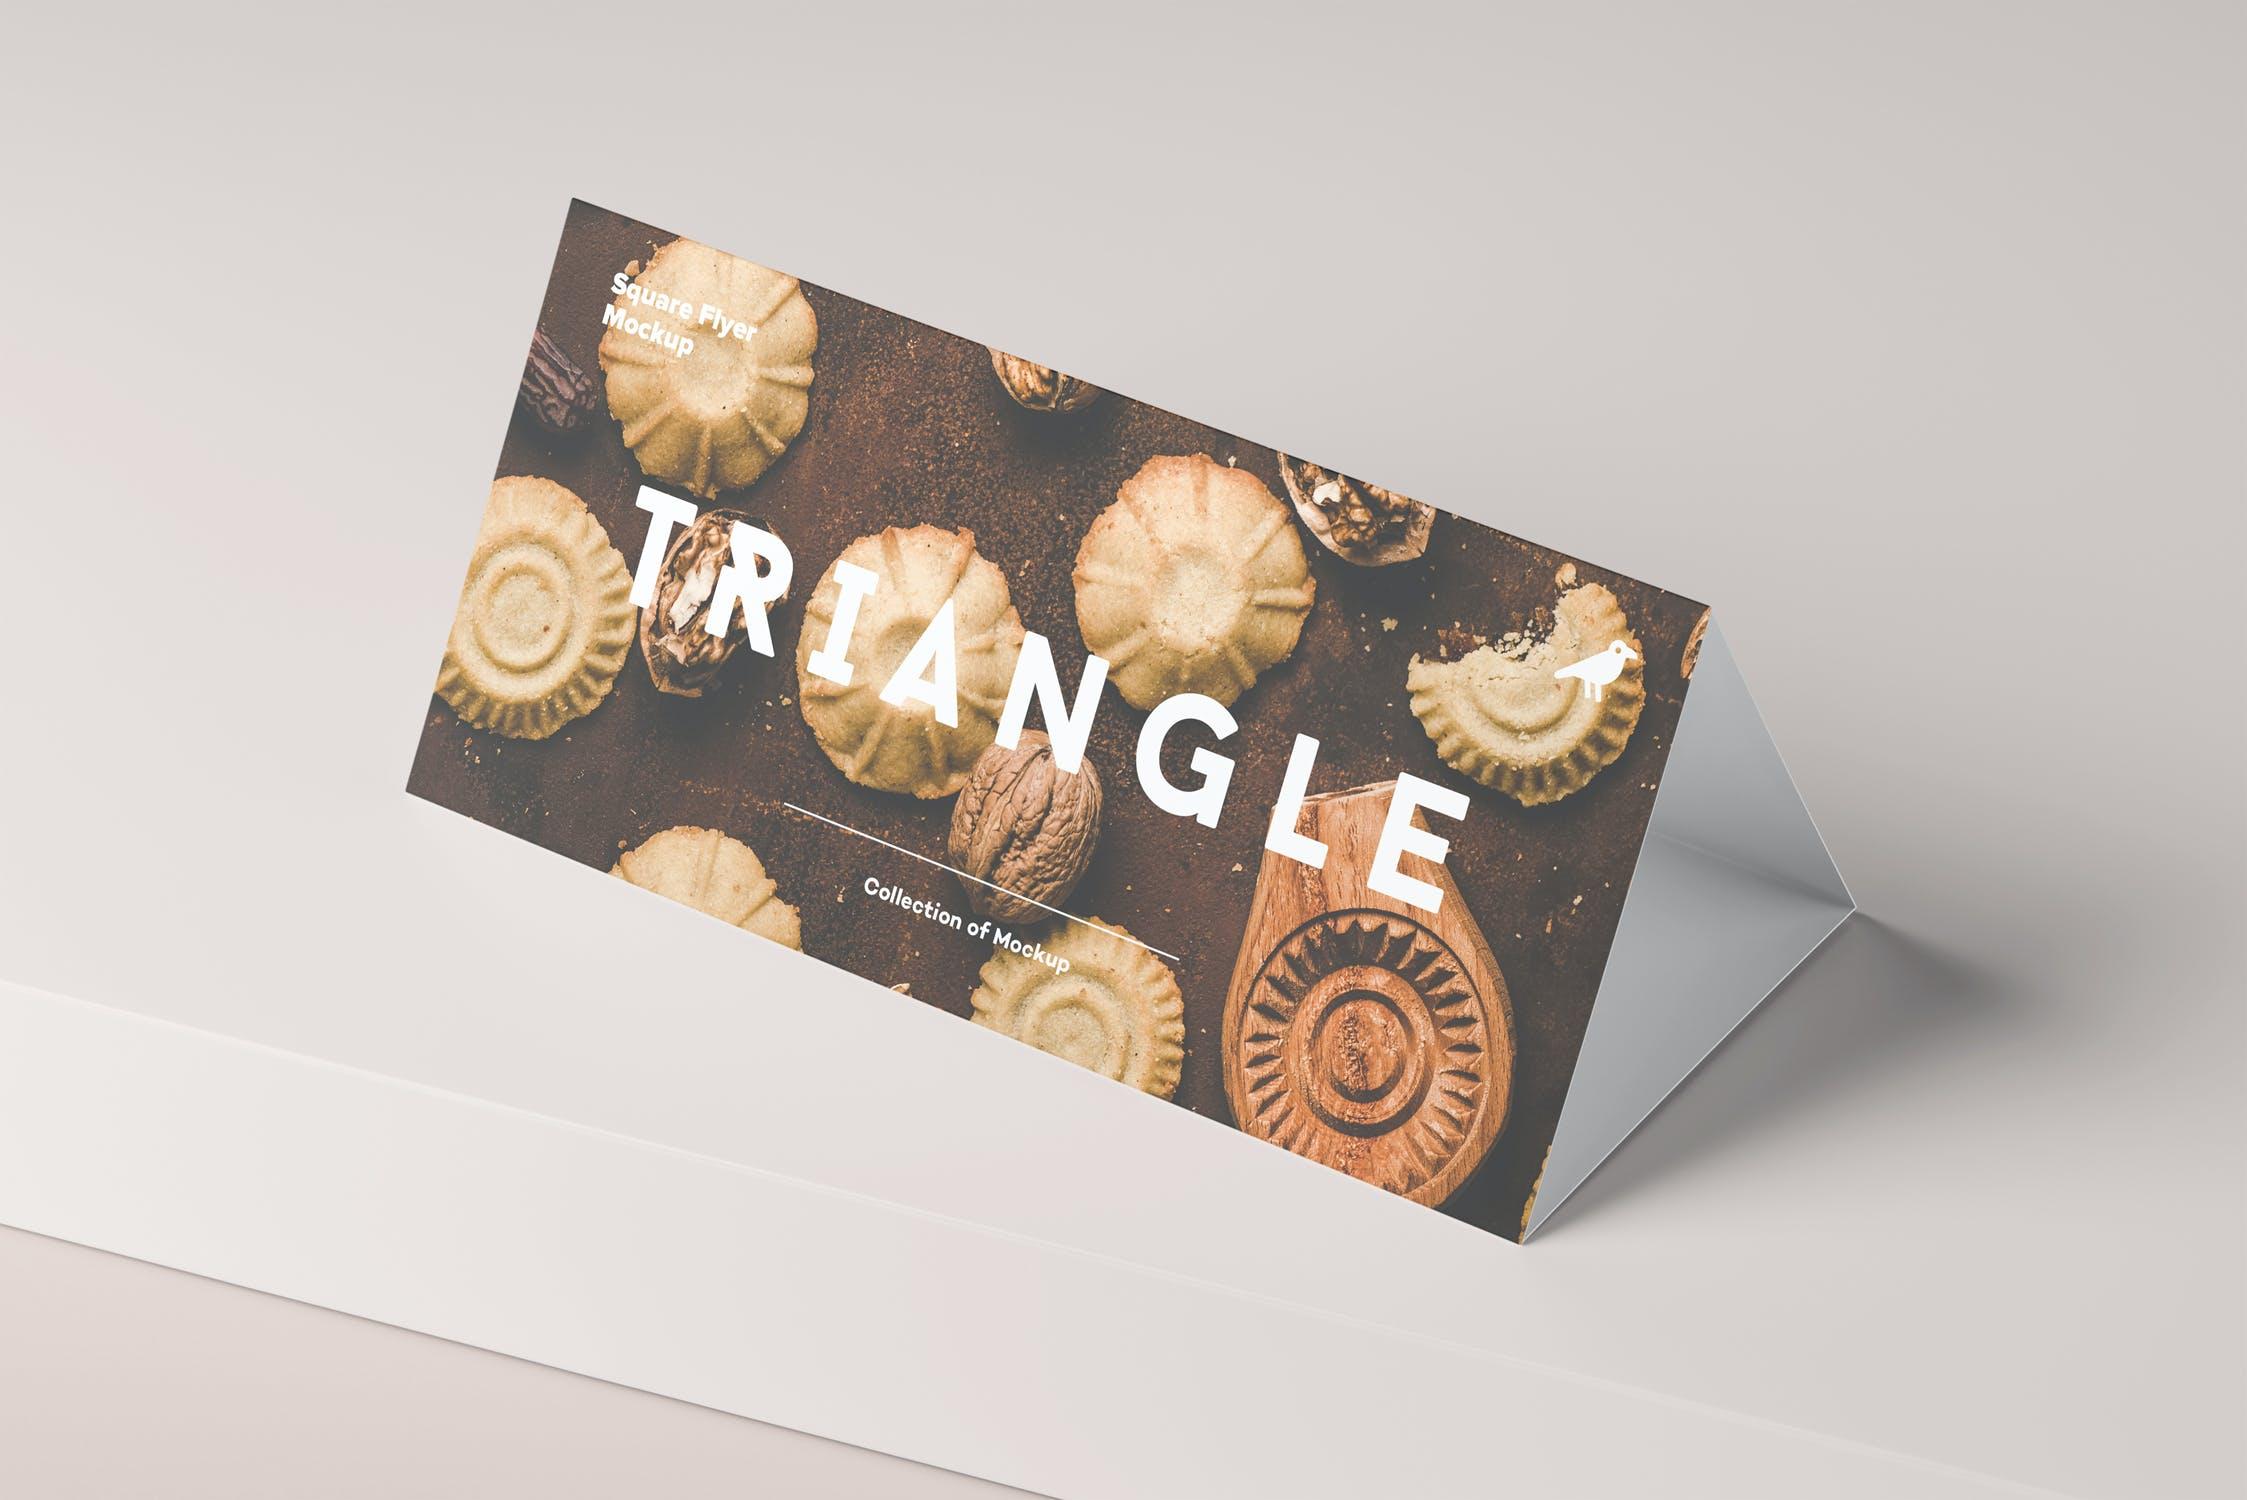 多角度三角形传单海报桌牌设计展示PSD样机模板 Triangle DL Brochure Stand Mockup插图(10)